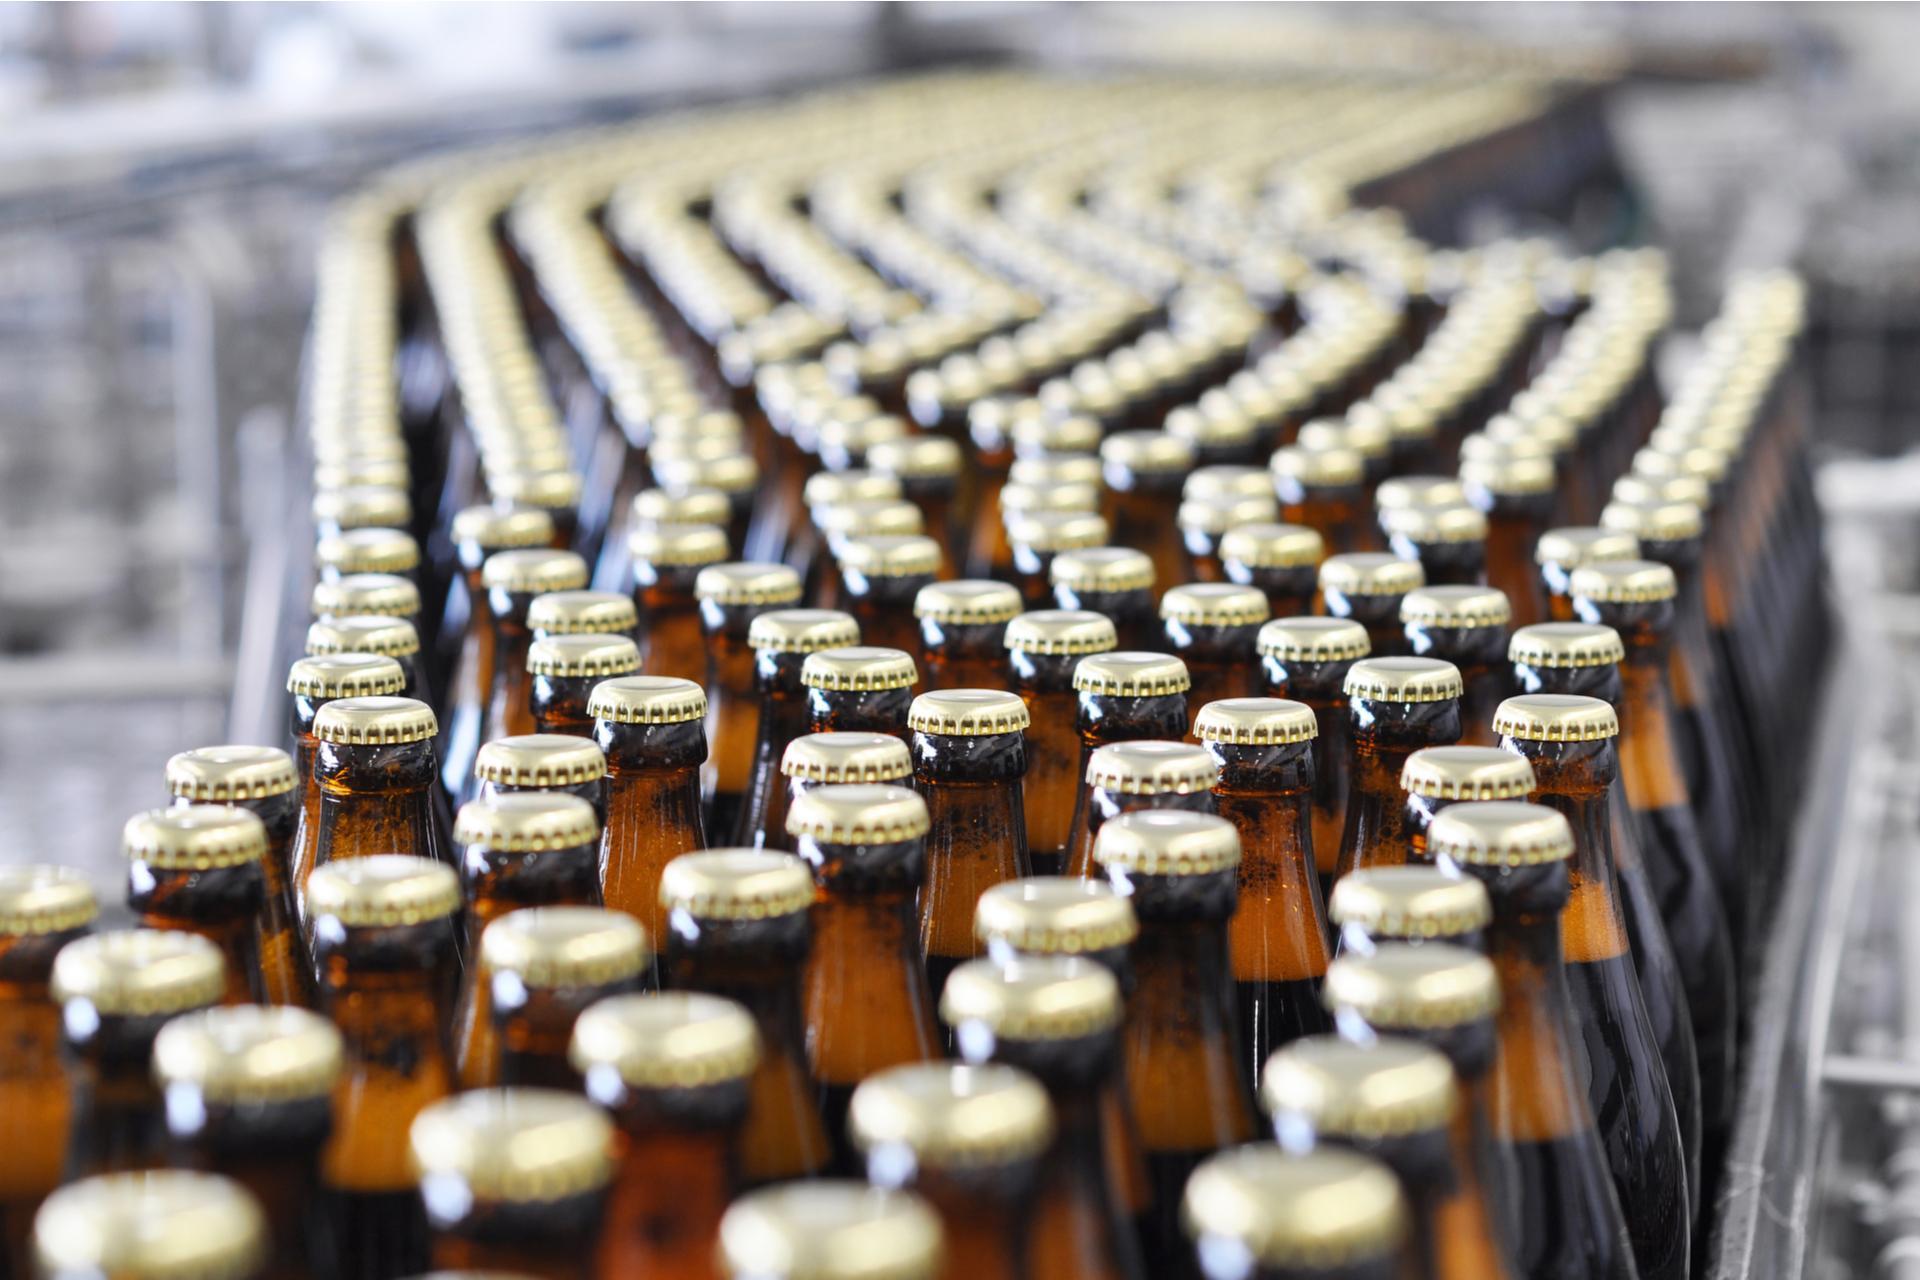 XXXX Brewery